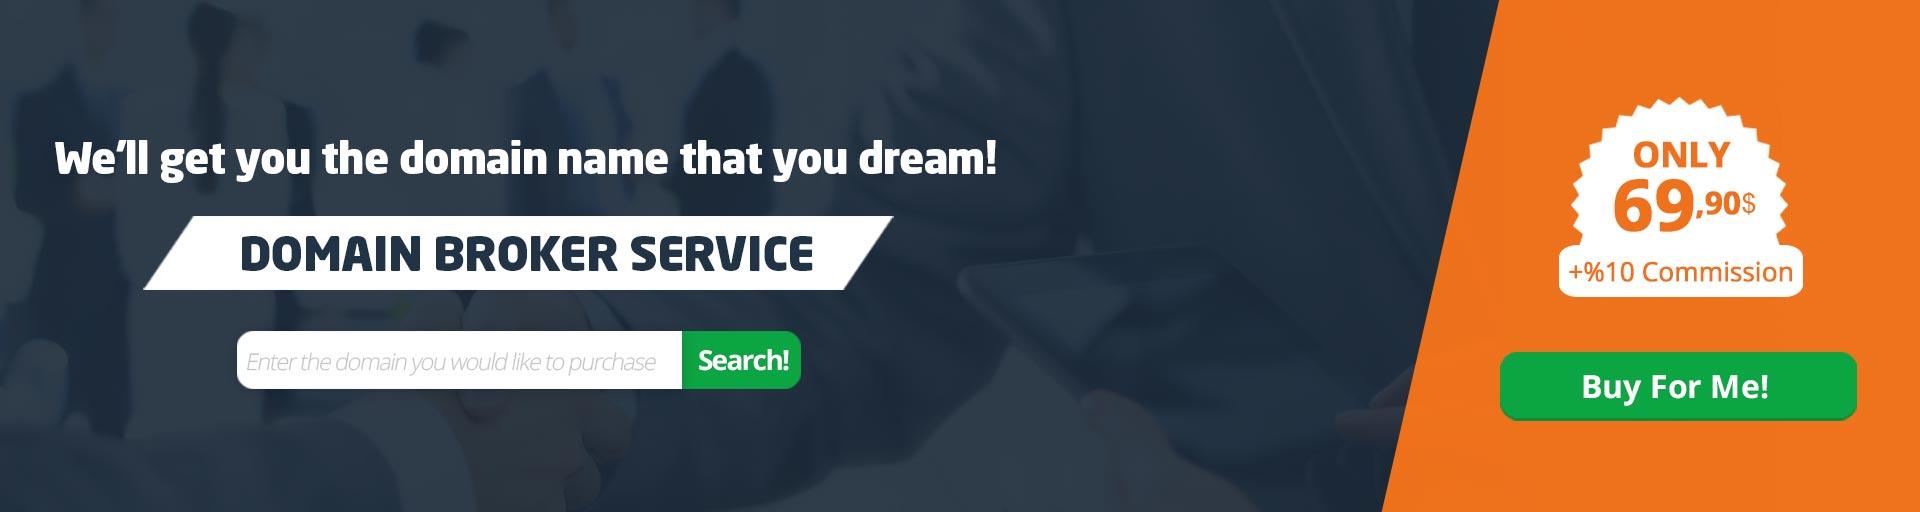 Domain Brokerage